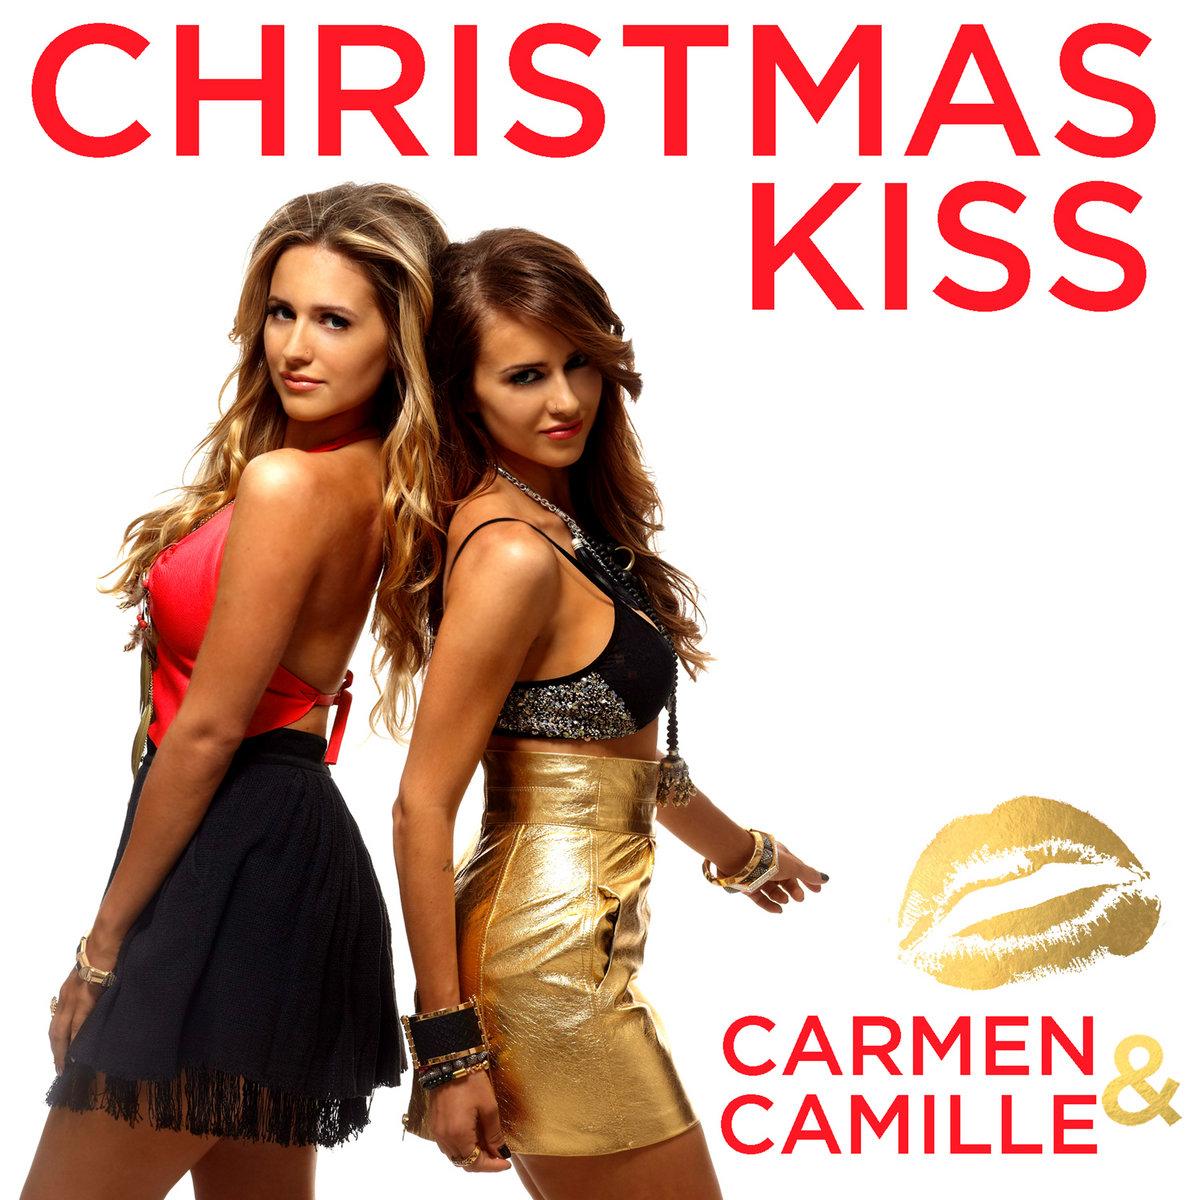 Marvelous Christmas Kiss Carmen Amp Camille Easy Diy Christmas Decorations Tissureus